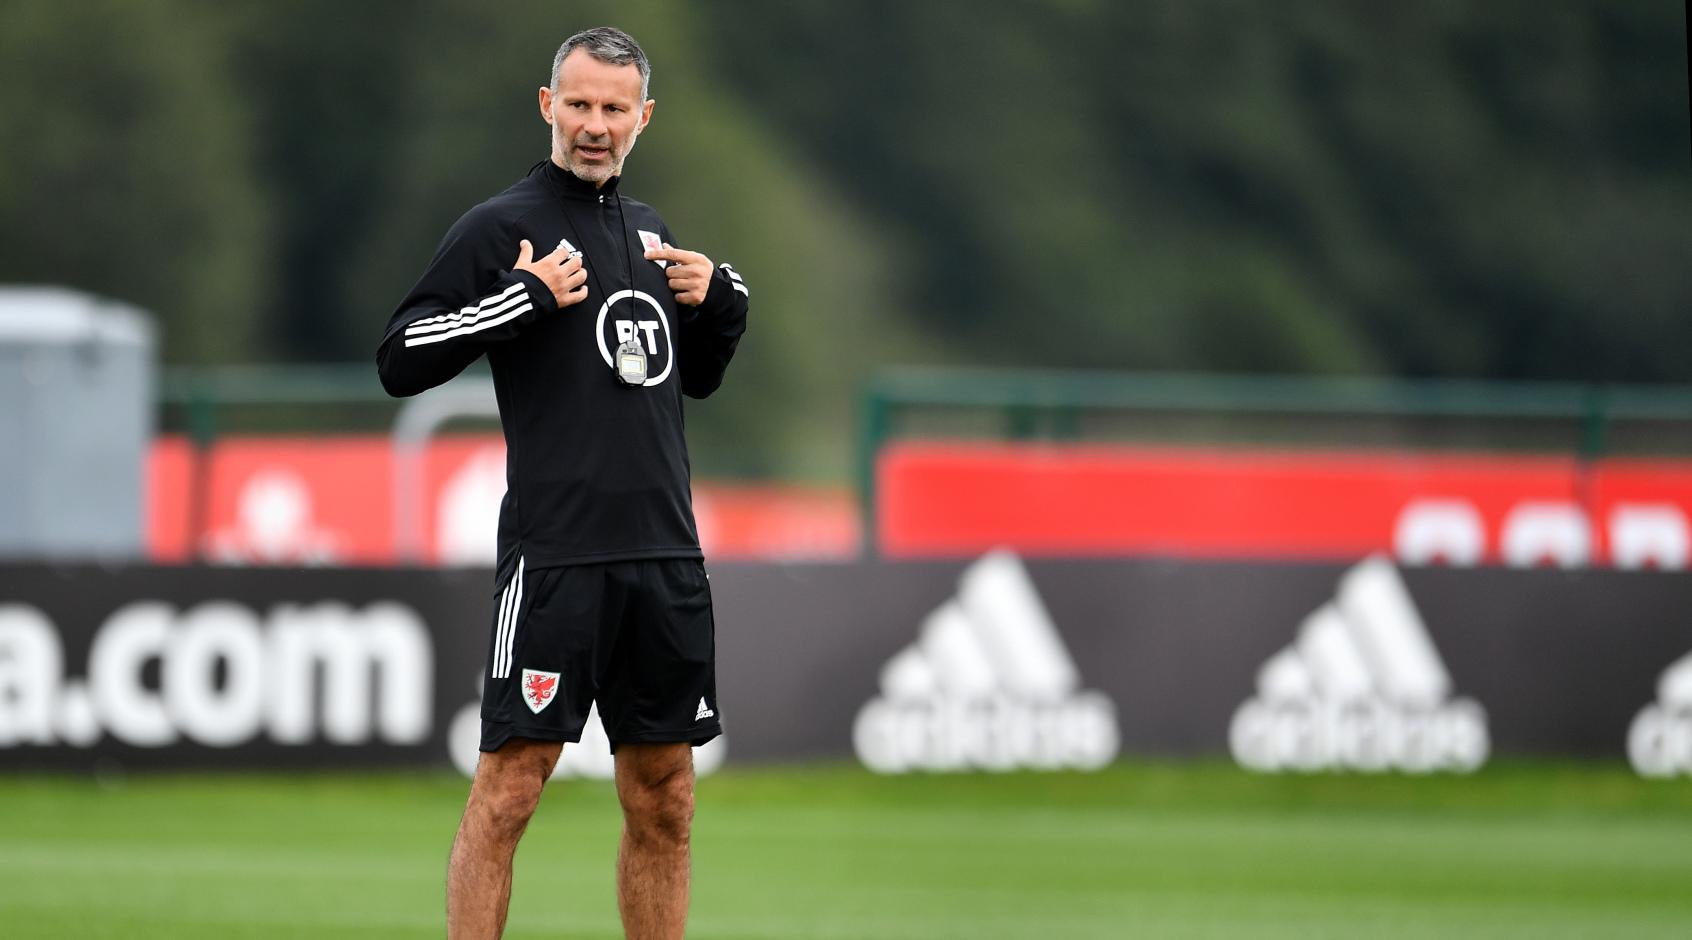 """Райан Гиггз рассказал, сколько может понадобиться времени """"Манчестер Юнайтед"""" для следующего чемпионства в АПЛ"""